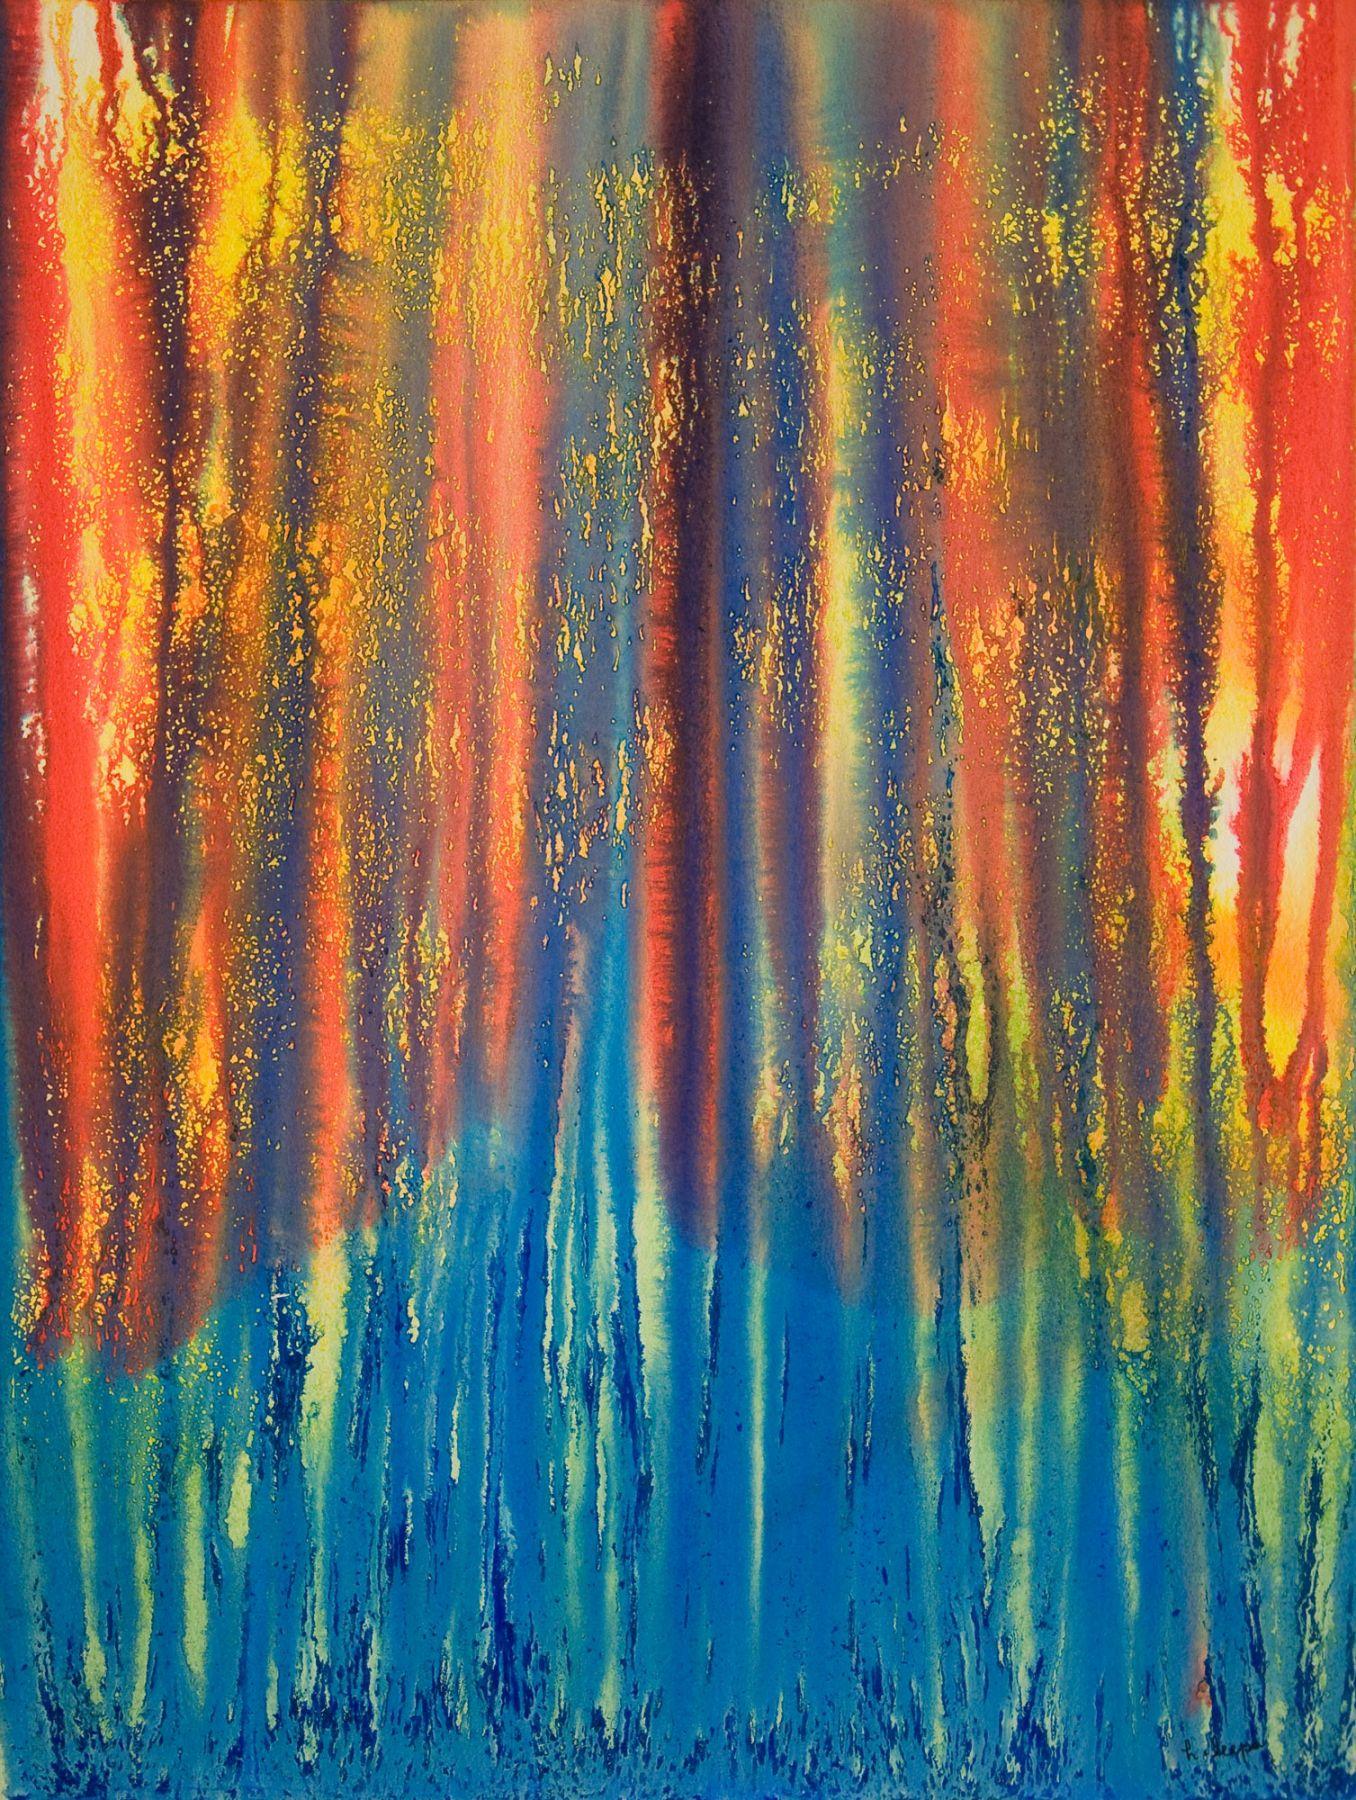 HARVEY LEEPA (1887-1977), Untitled 1, c. 1960